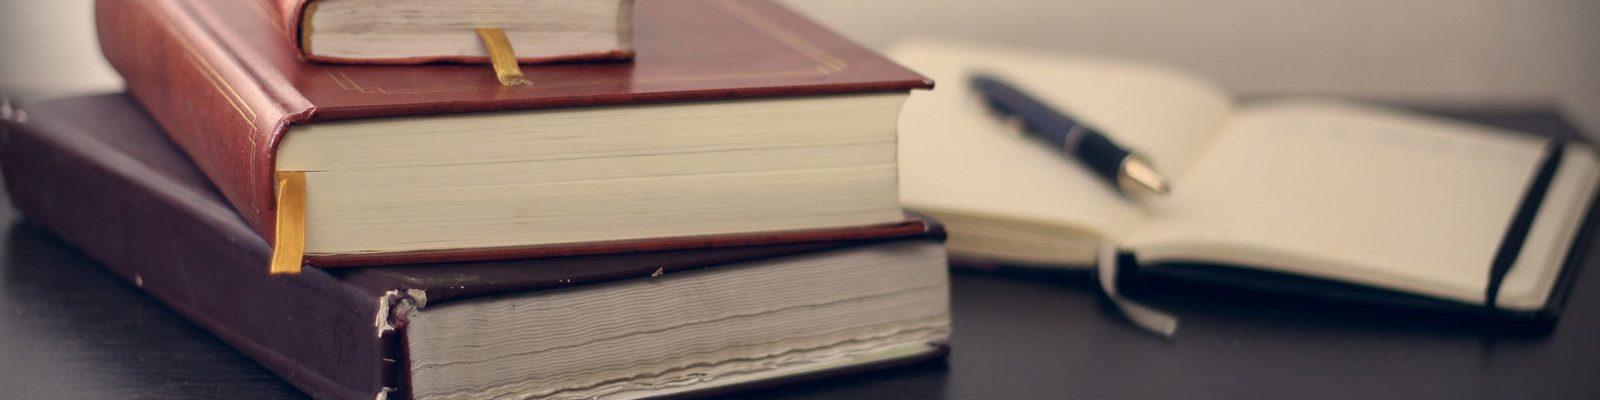 Libros y pluma